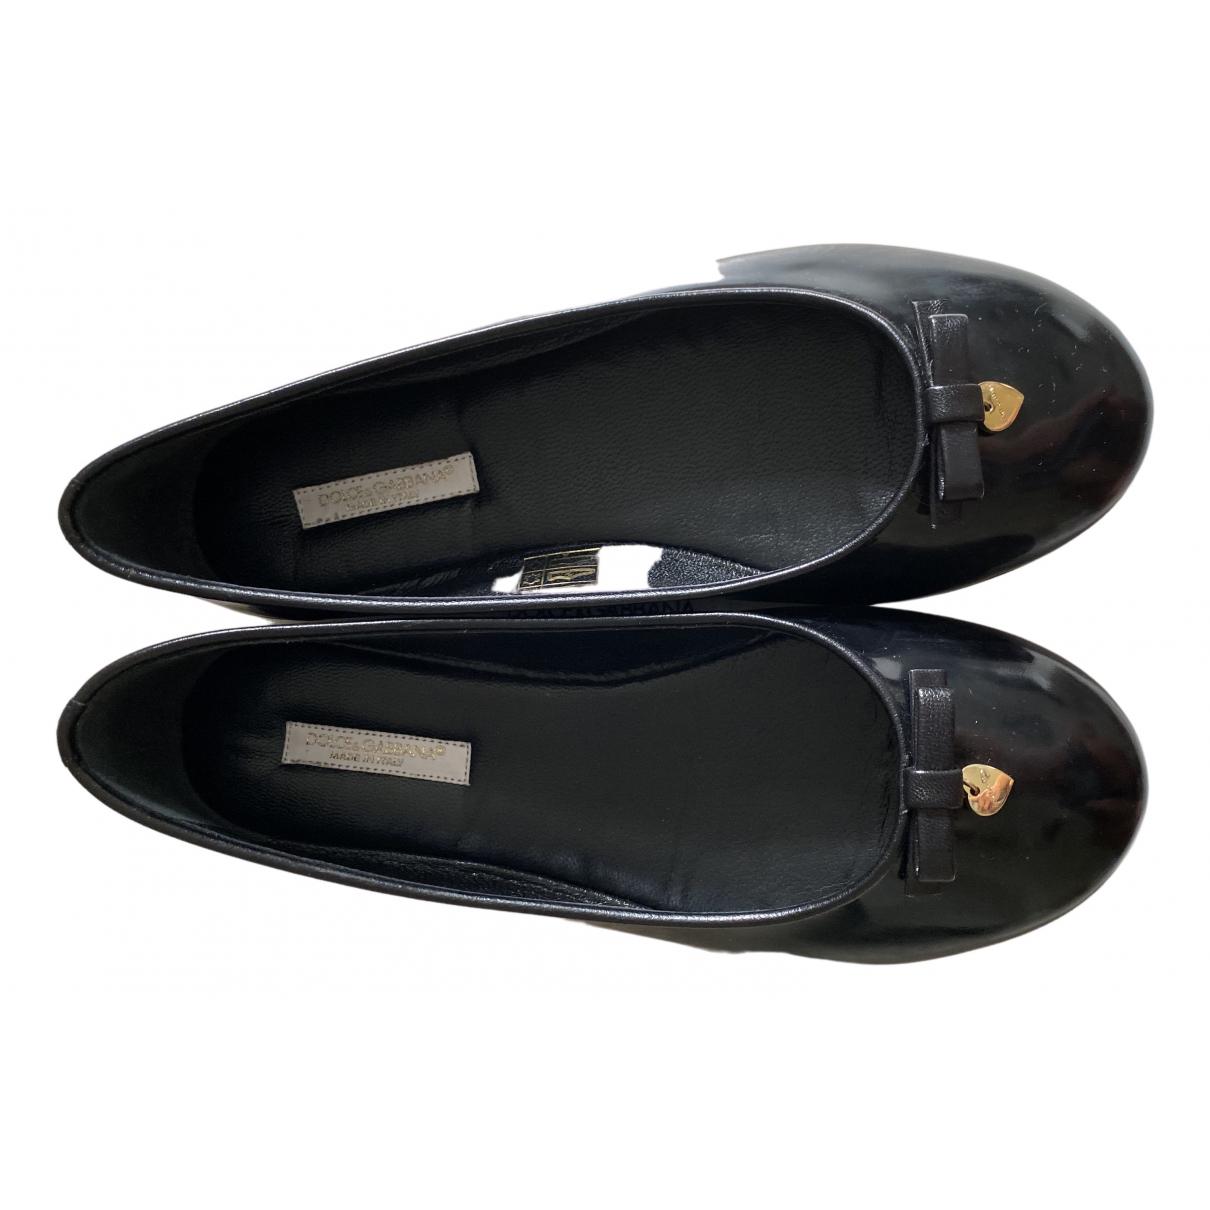 Dolce & Gabbana N Black Leather Ballet flats for Kids 34 FR